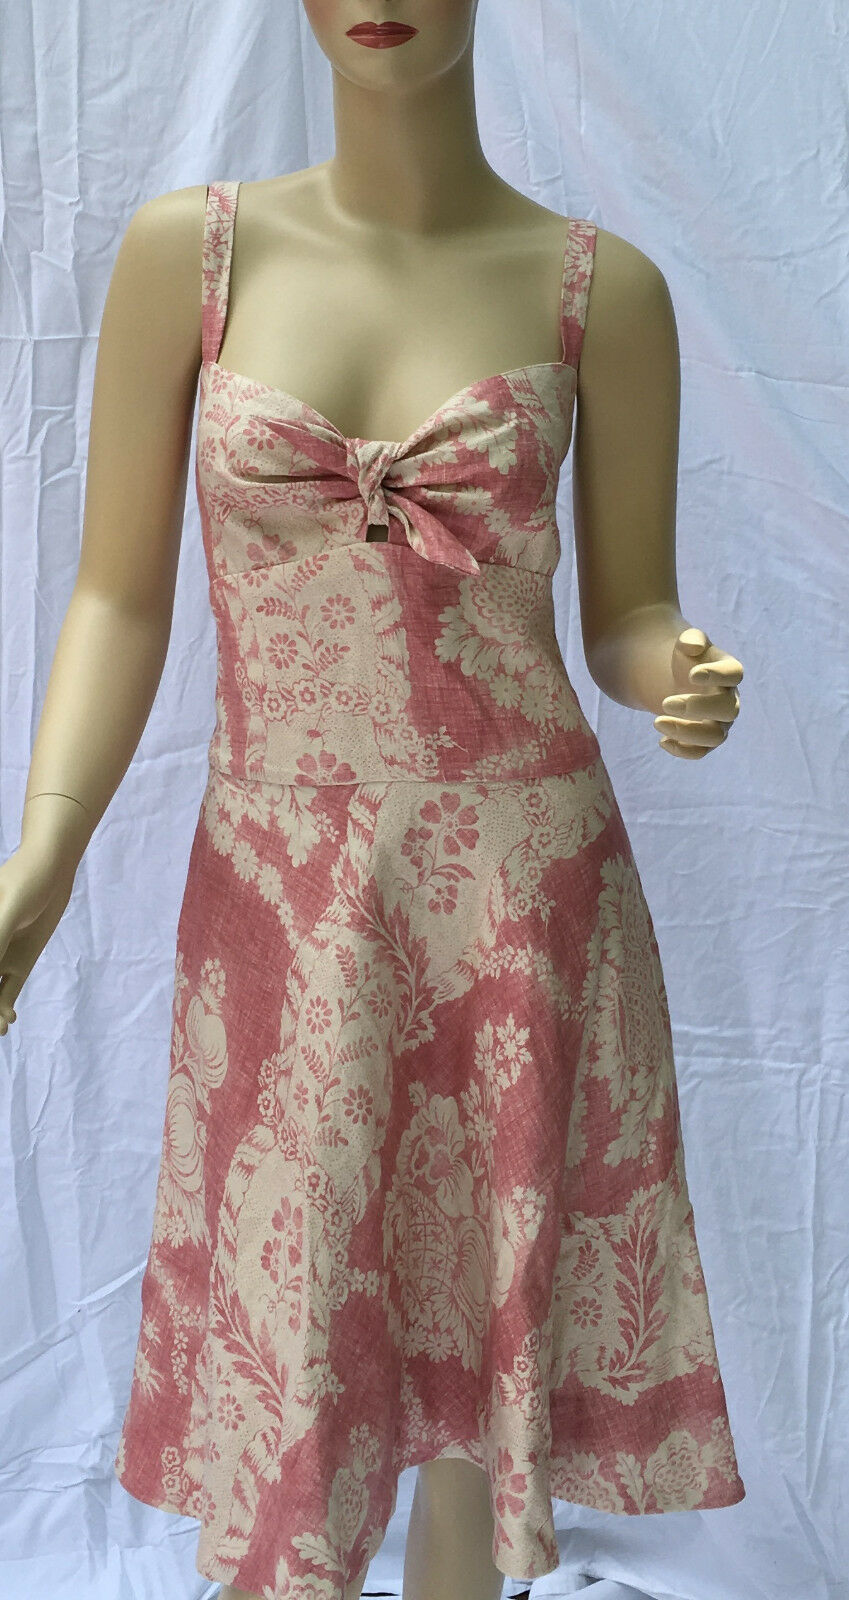 Ralph Lauren Pink Cream Floral Linen Dress Size 12 Cotton Lined